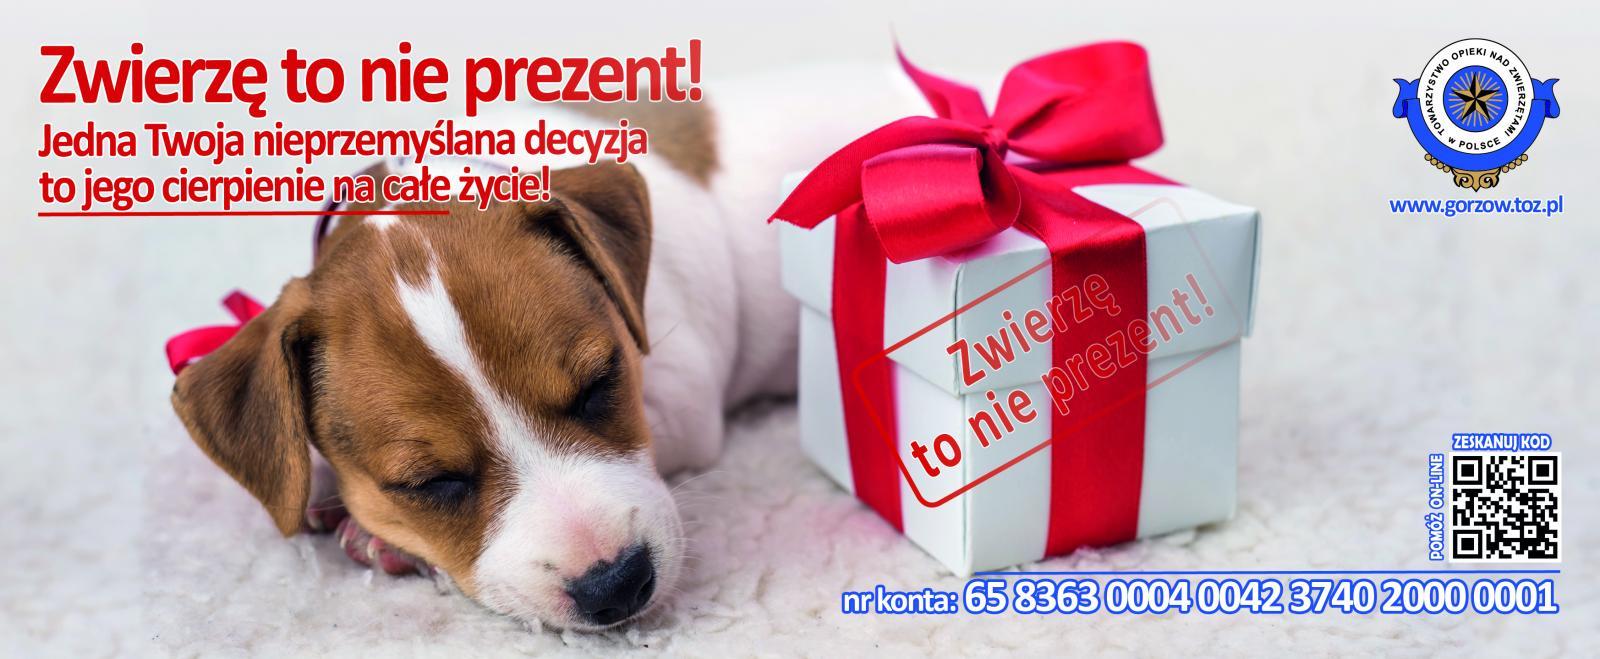 Zwierzę to nie prezent!